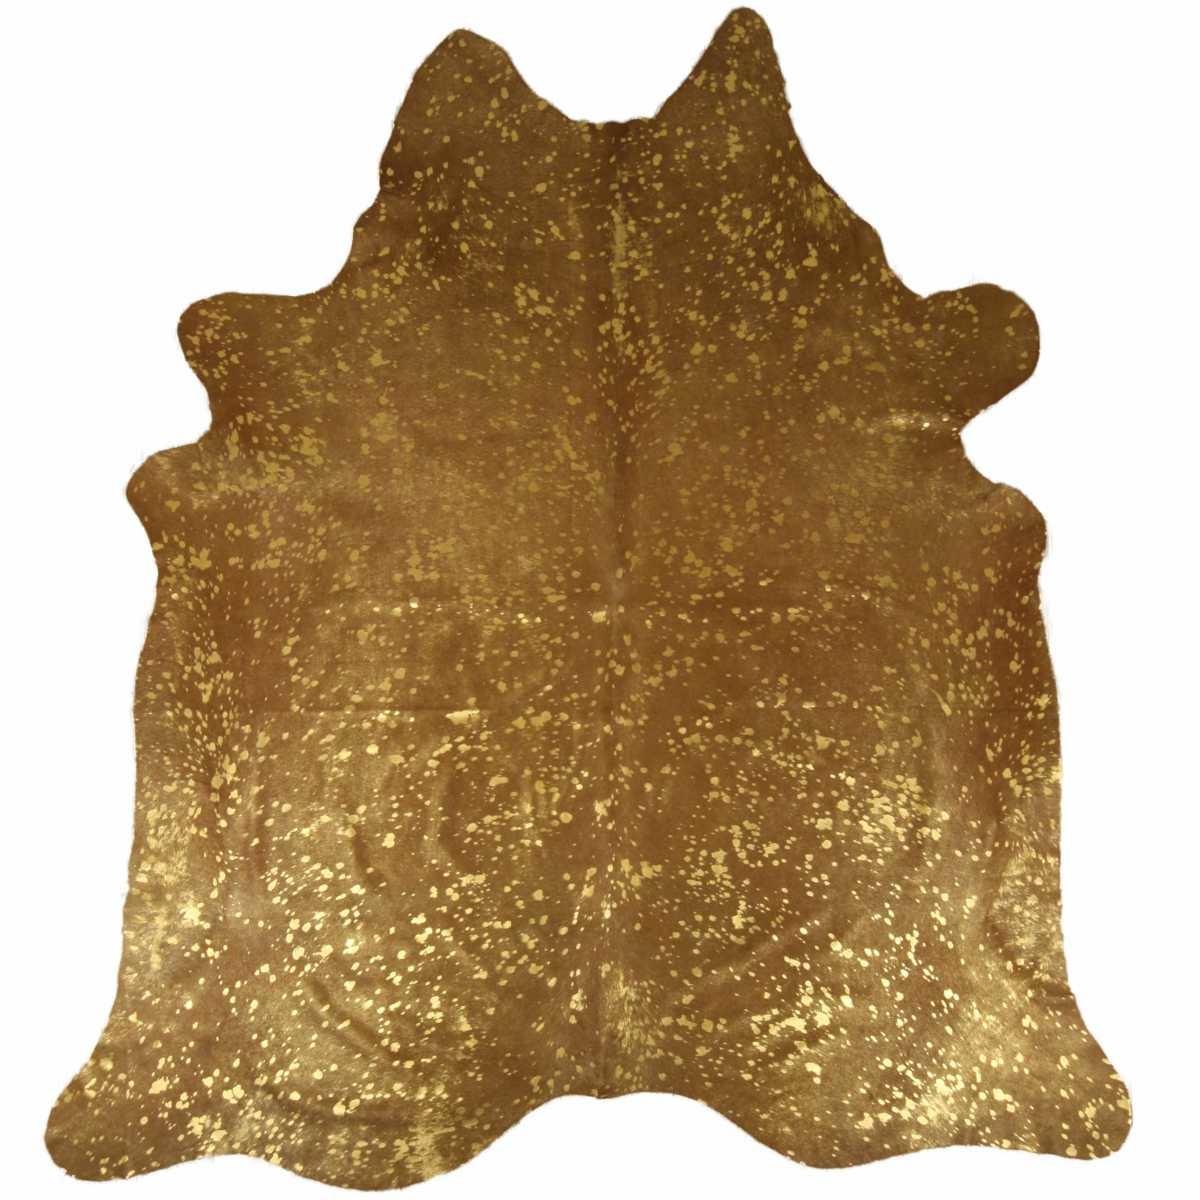 testVan Buren Metallic gouden koeienhuid vloerkleed metallic